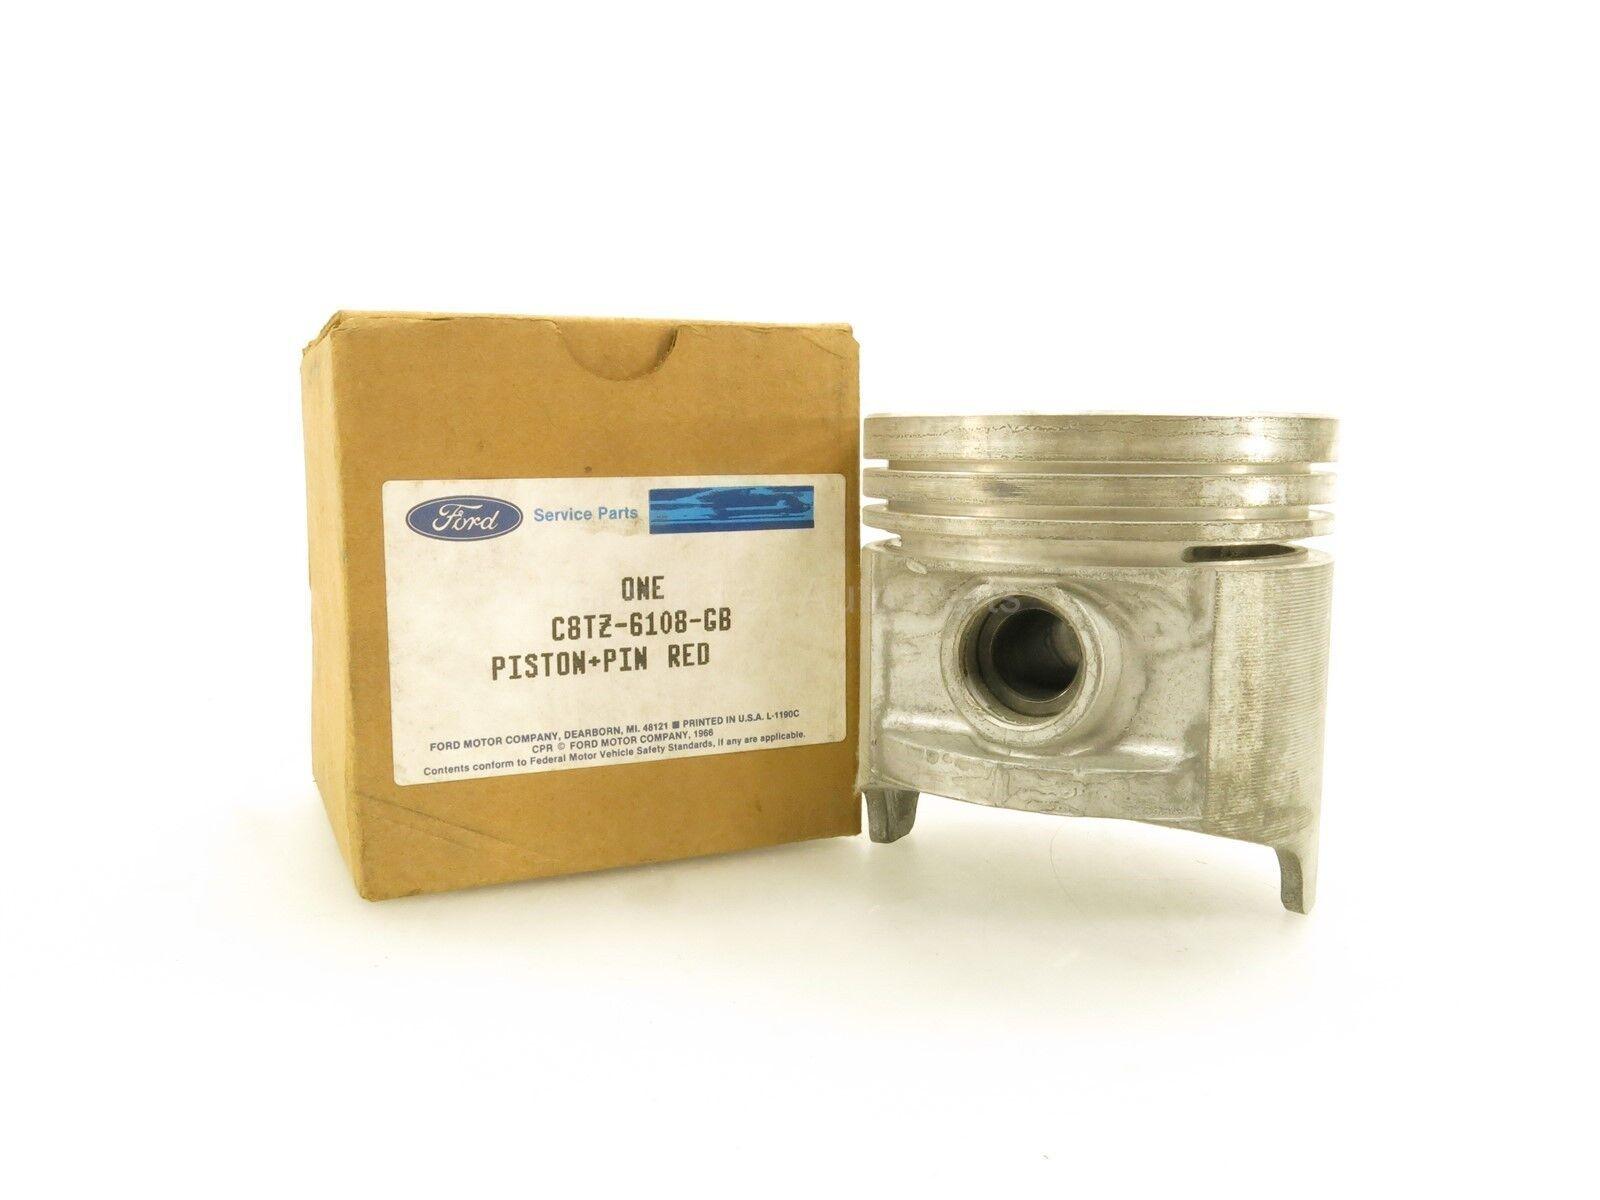 FORD PISTON /& PIN .50MM O.S F3LZ-6108-HA